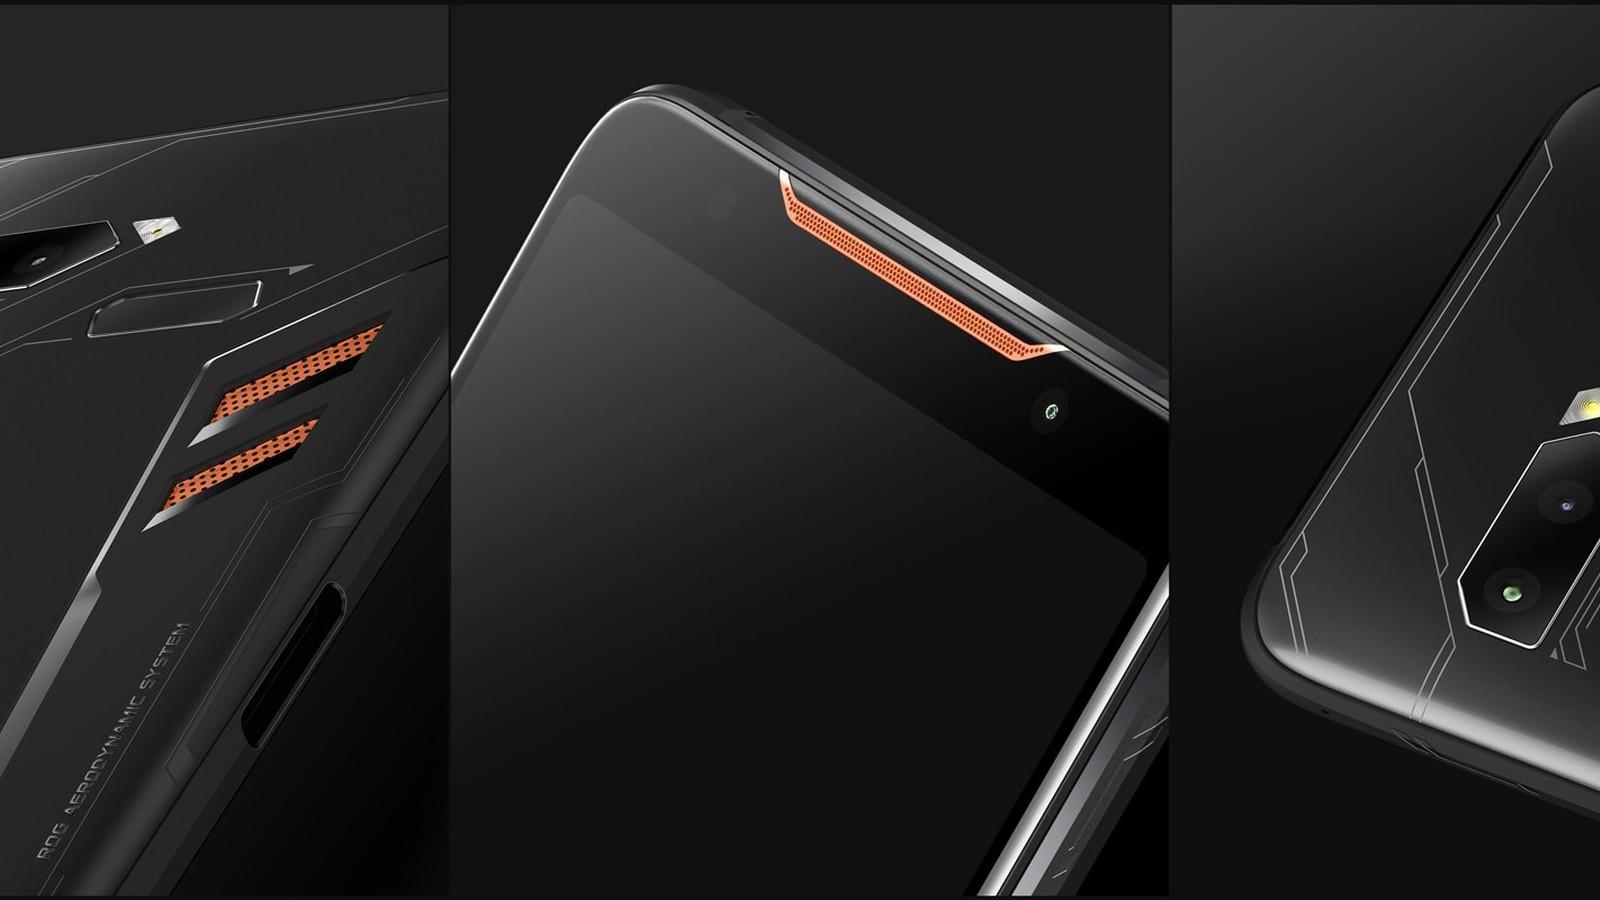 أسوس تكشف عن هاتفها الشرس المخصص للألعاب ROG Phone 2